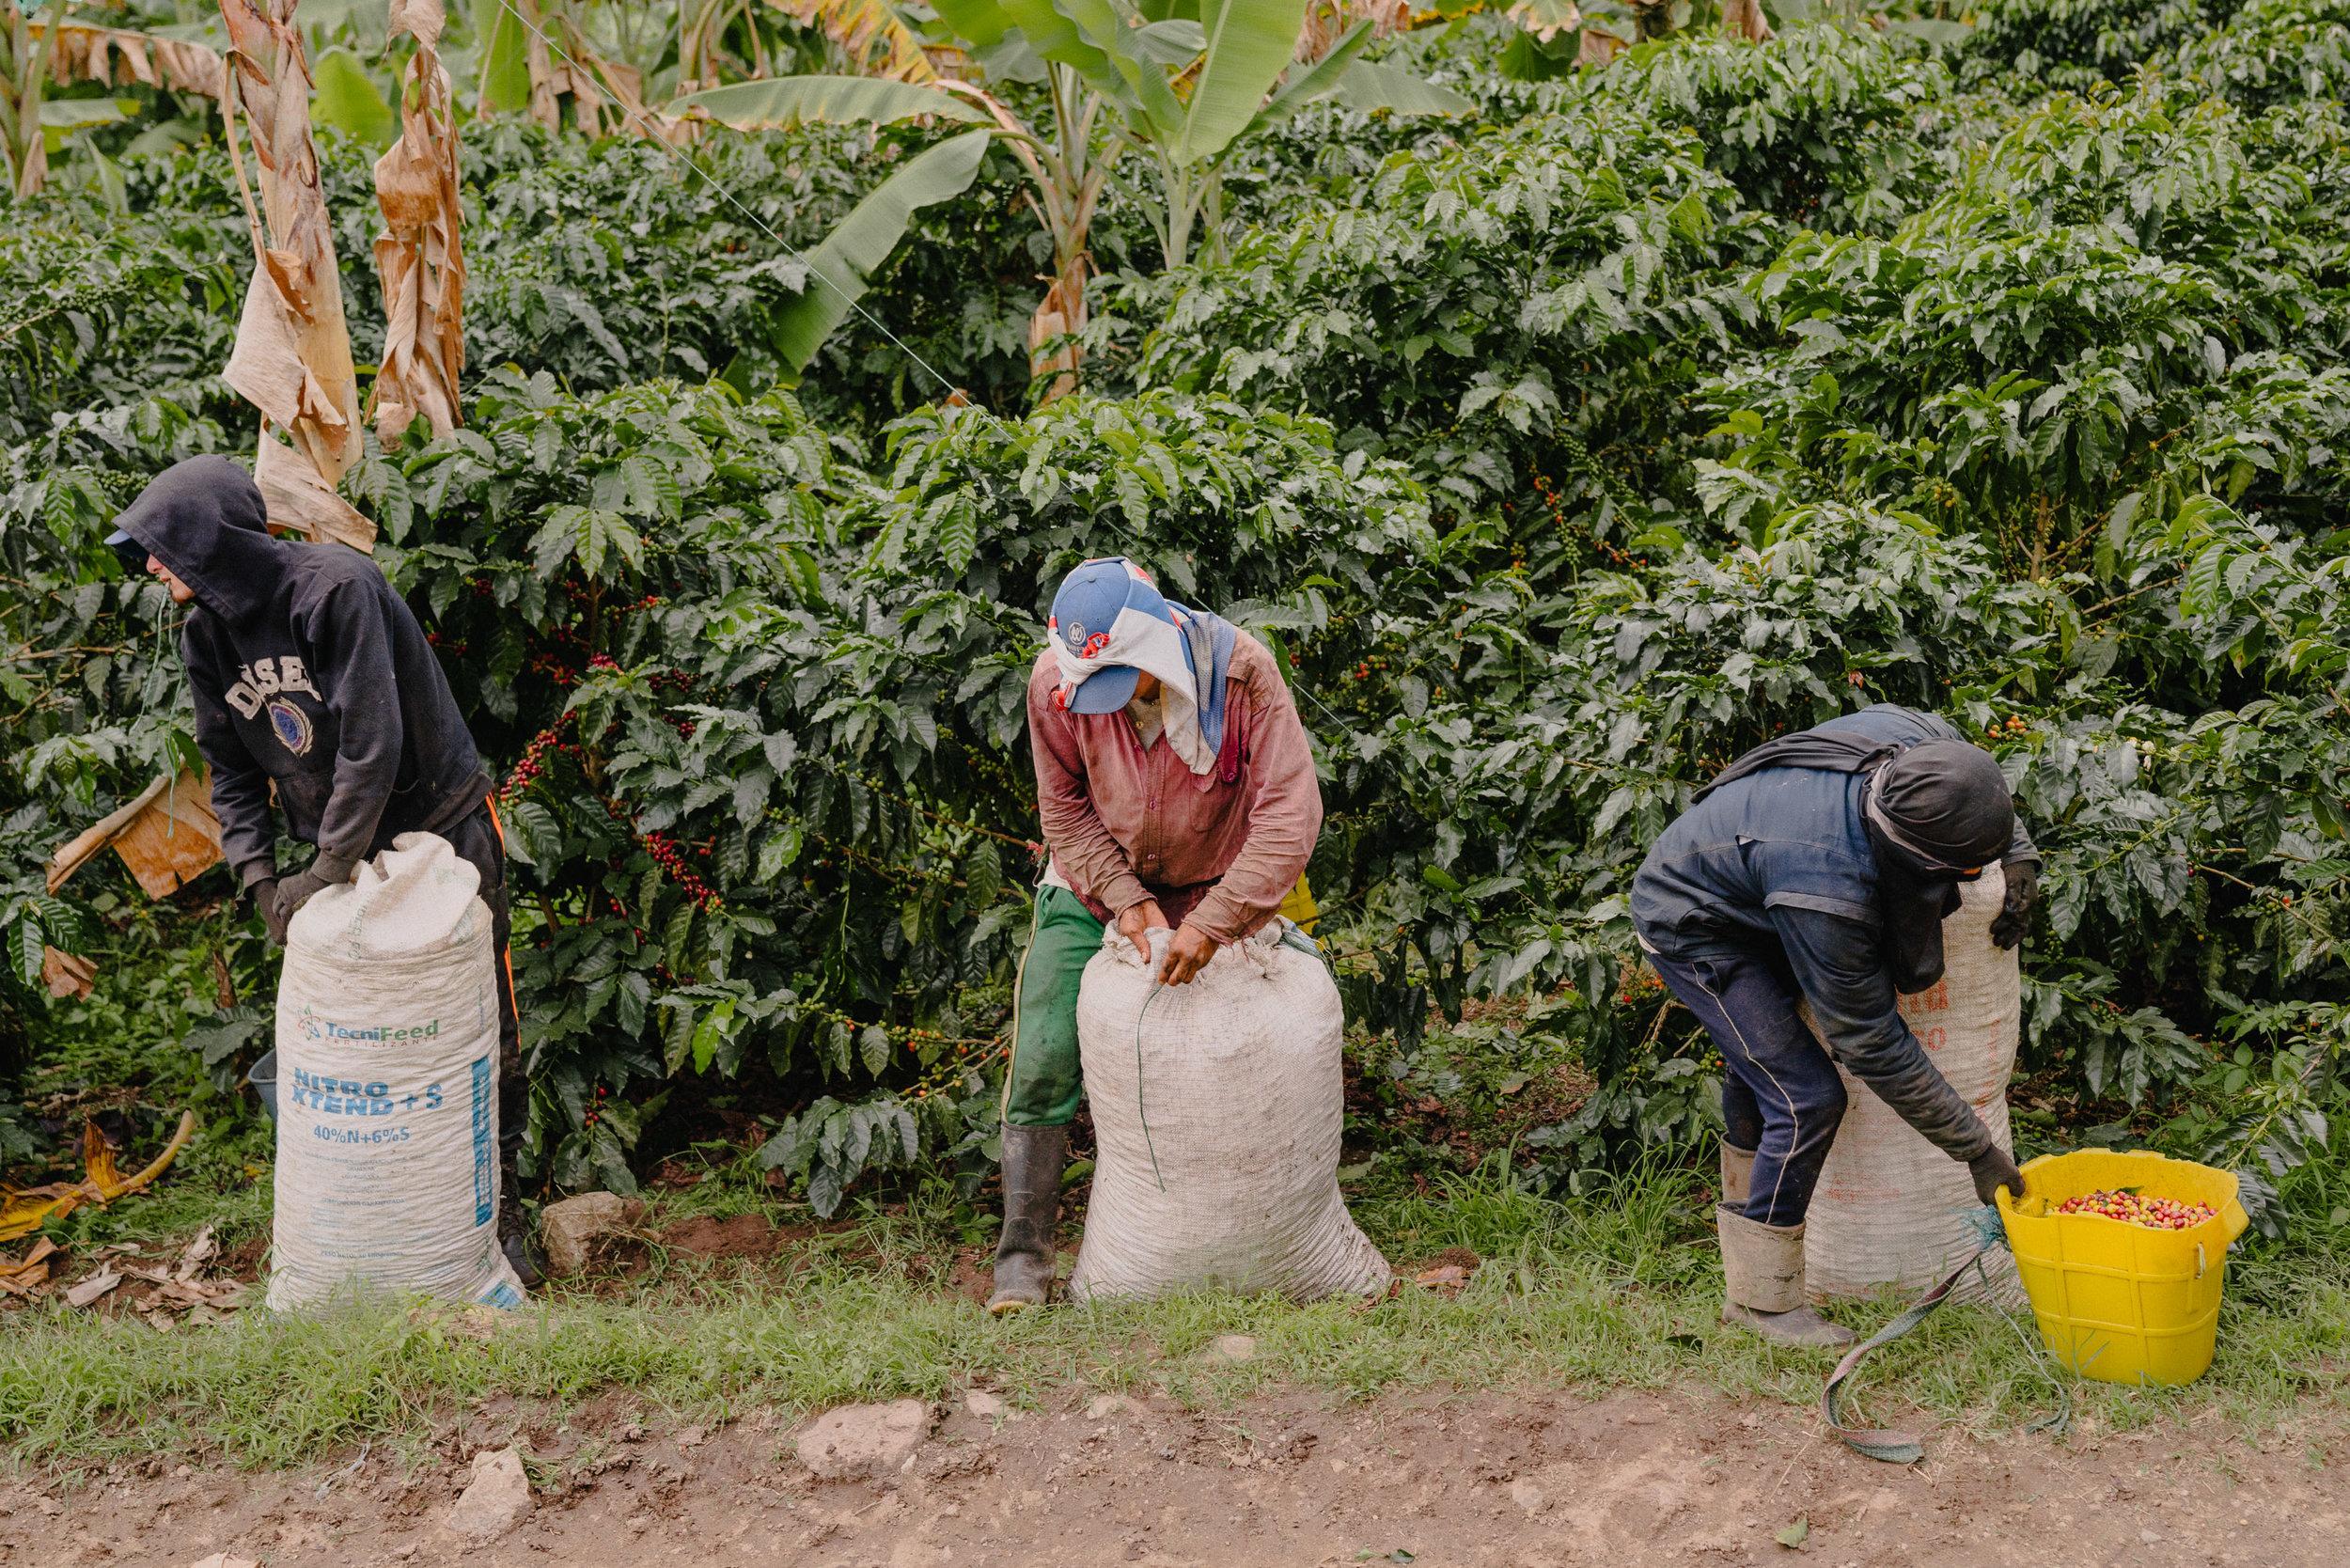 Emanuel-Hahn-Colombia-Coffee-Farmers-Huila-Manizales-Pagpropina-22.jpg